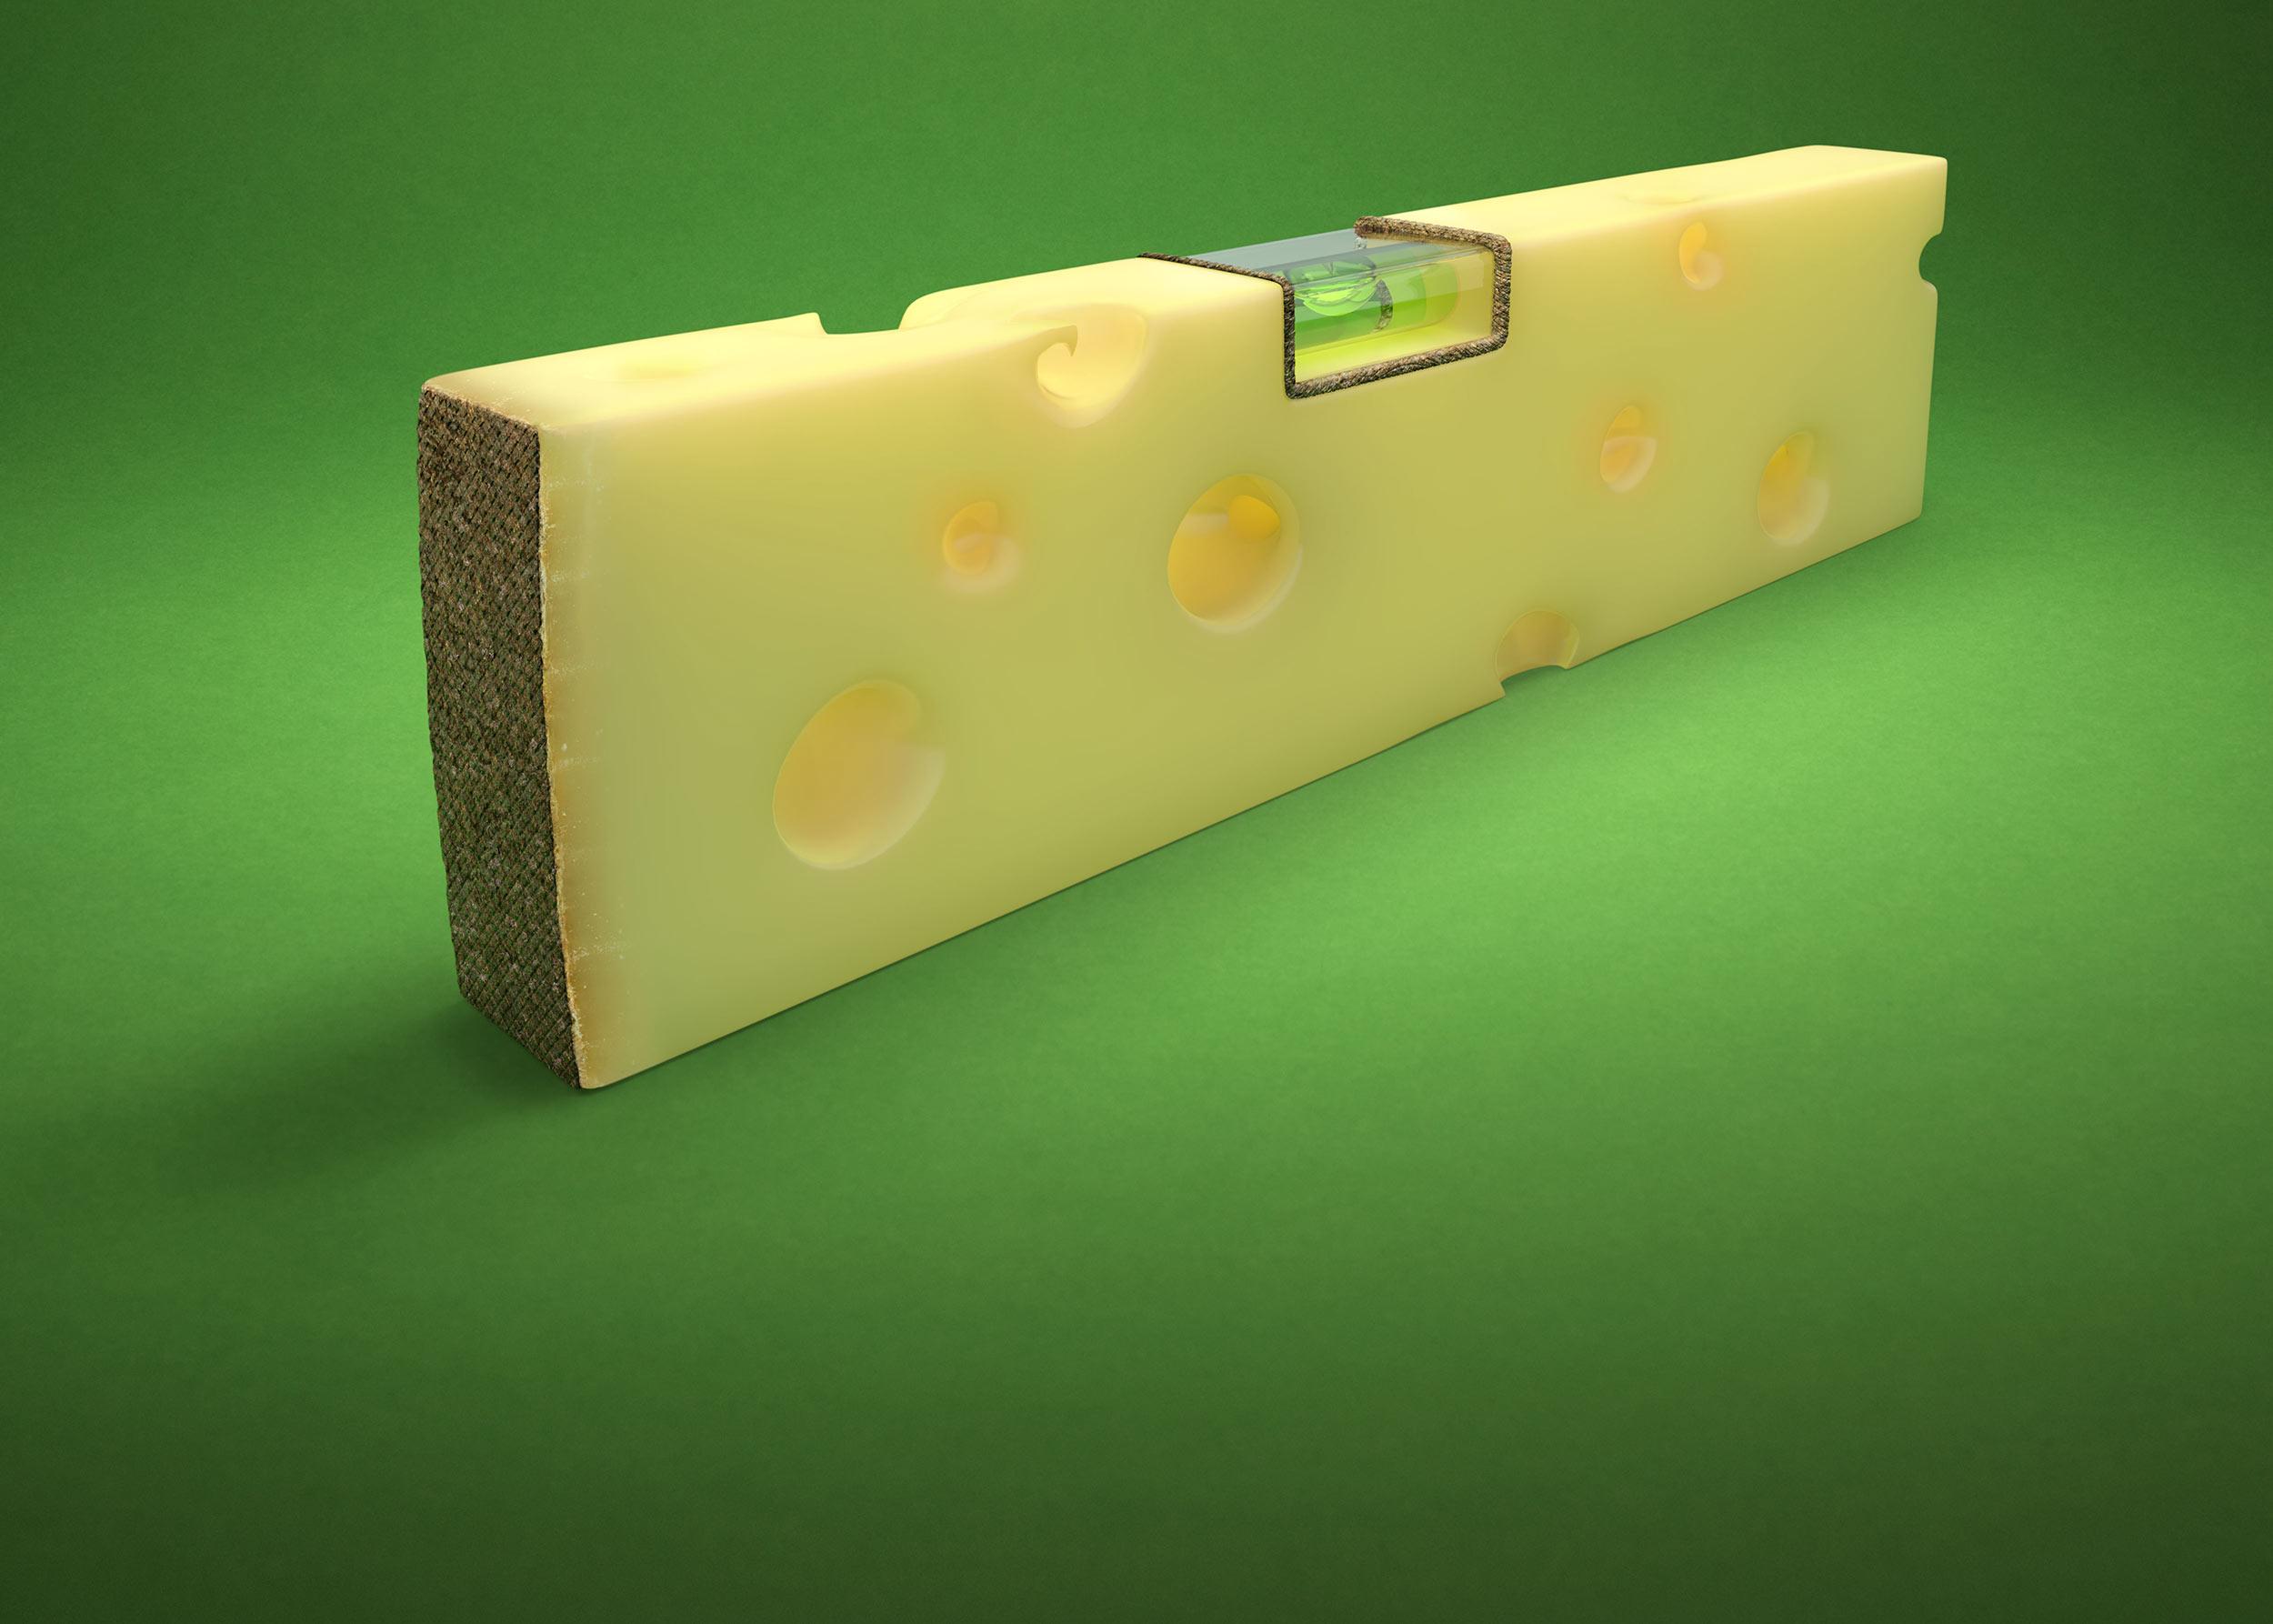 CGI Rendering 3d DK-Küchen Wir kochen Sie bauen food carving Werkzeug Transformation Käse Wasserwaage Idris Kolodziej